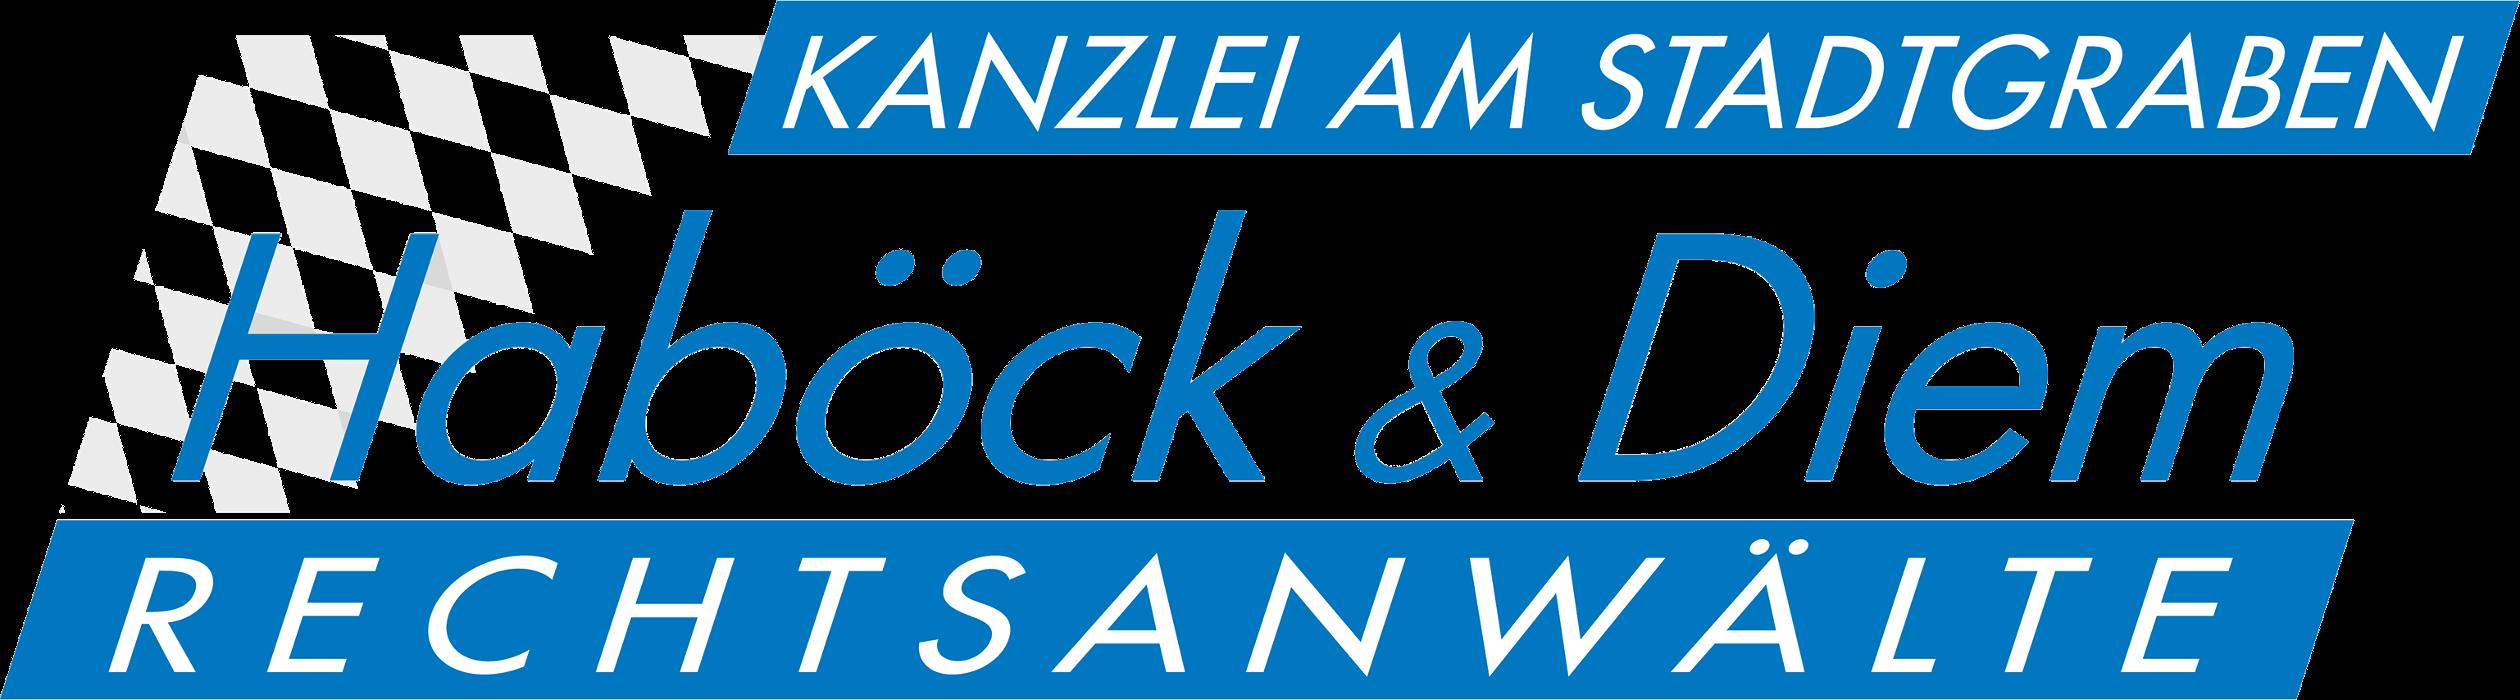 Bild zu Kanzlei am Stadtgraben Haböck & Diem, Rechtsanwälte in Straubing